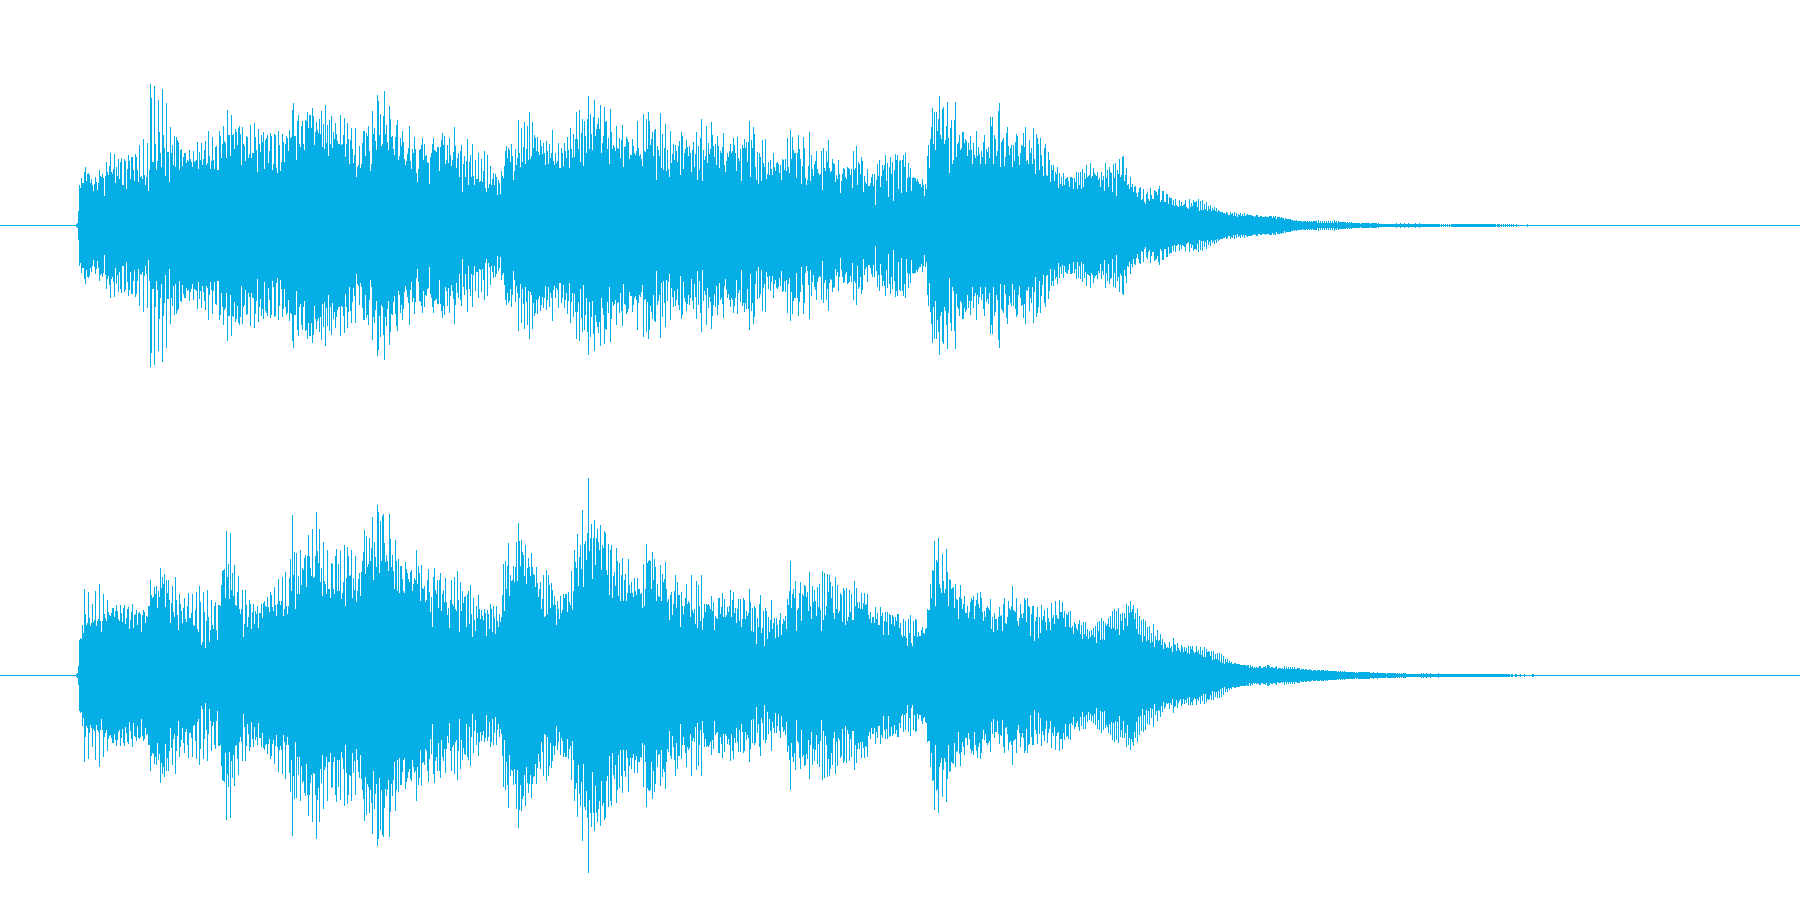 メロディアスで可憐なピアノジングルの再生済みの波形